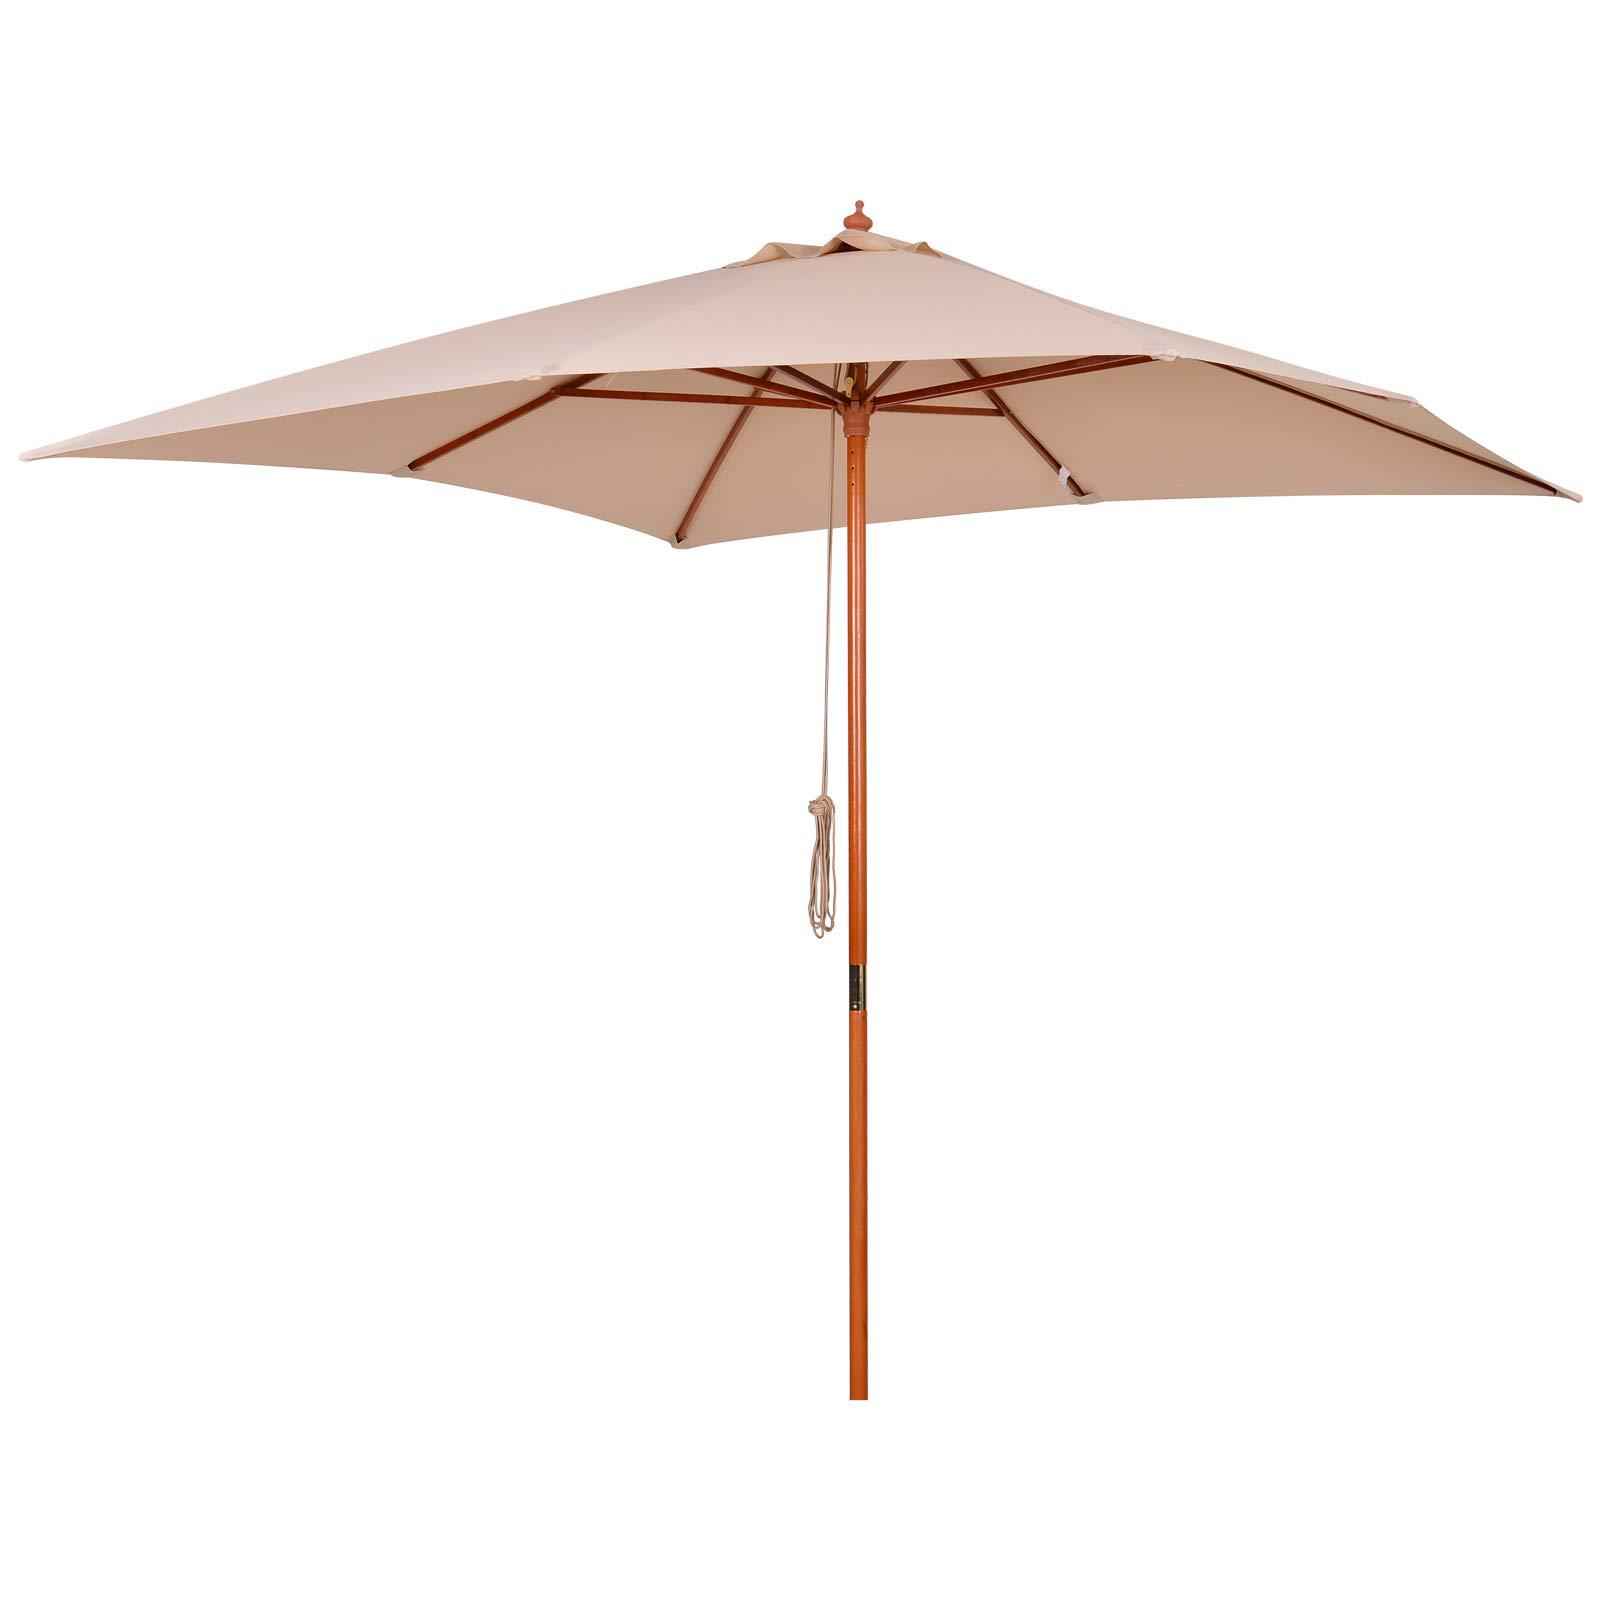 Outsunny Parasol para Jardín Patio Sombrilla Cuadrada de Ángulo Ajustable Ventilación Diseño Moderno con 8 Varillas de Bambú Madera Tela Poliéster 3x3m Beige: Amazon.es: Jardín